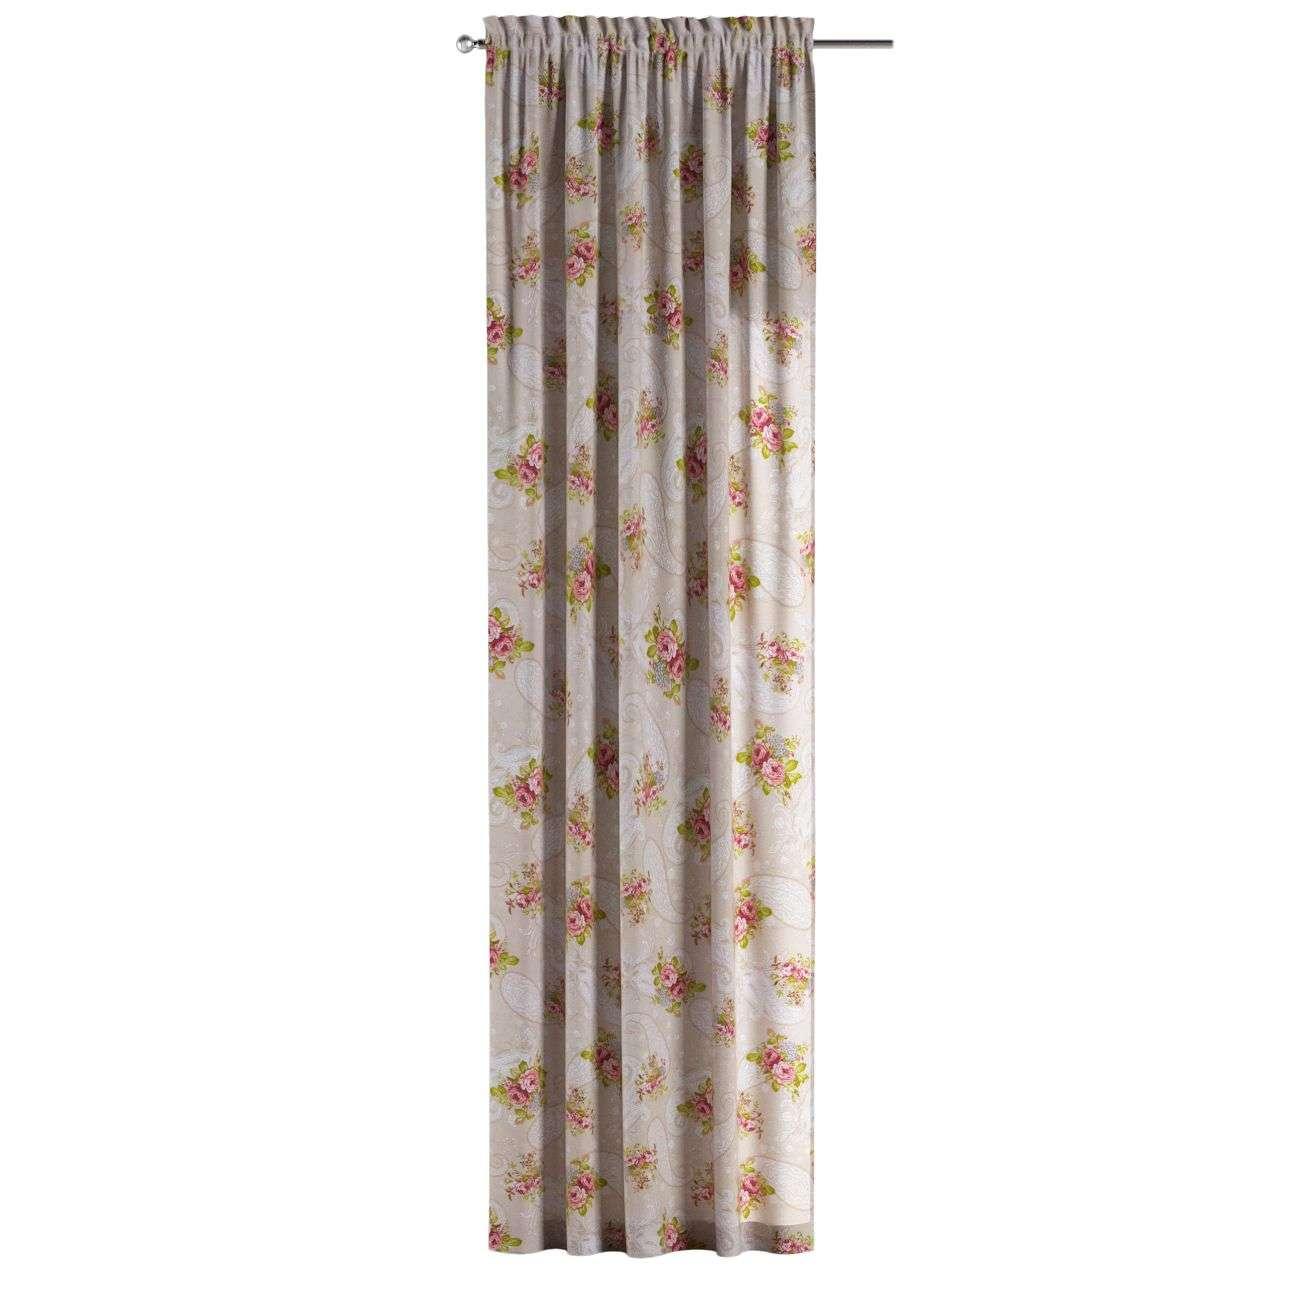 Gardin med løpegang - multibånd 1 stk. fra kolleksjonen Flowers, Stoffets bredde: 311-15